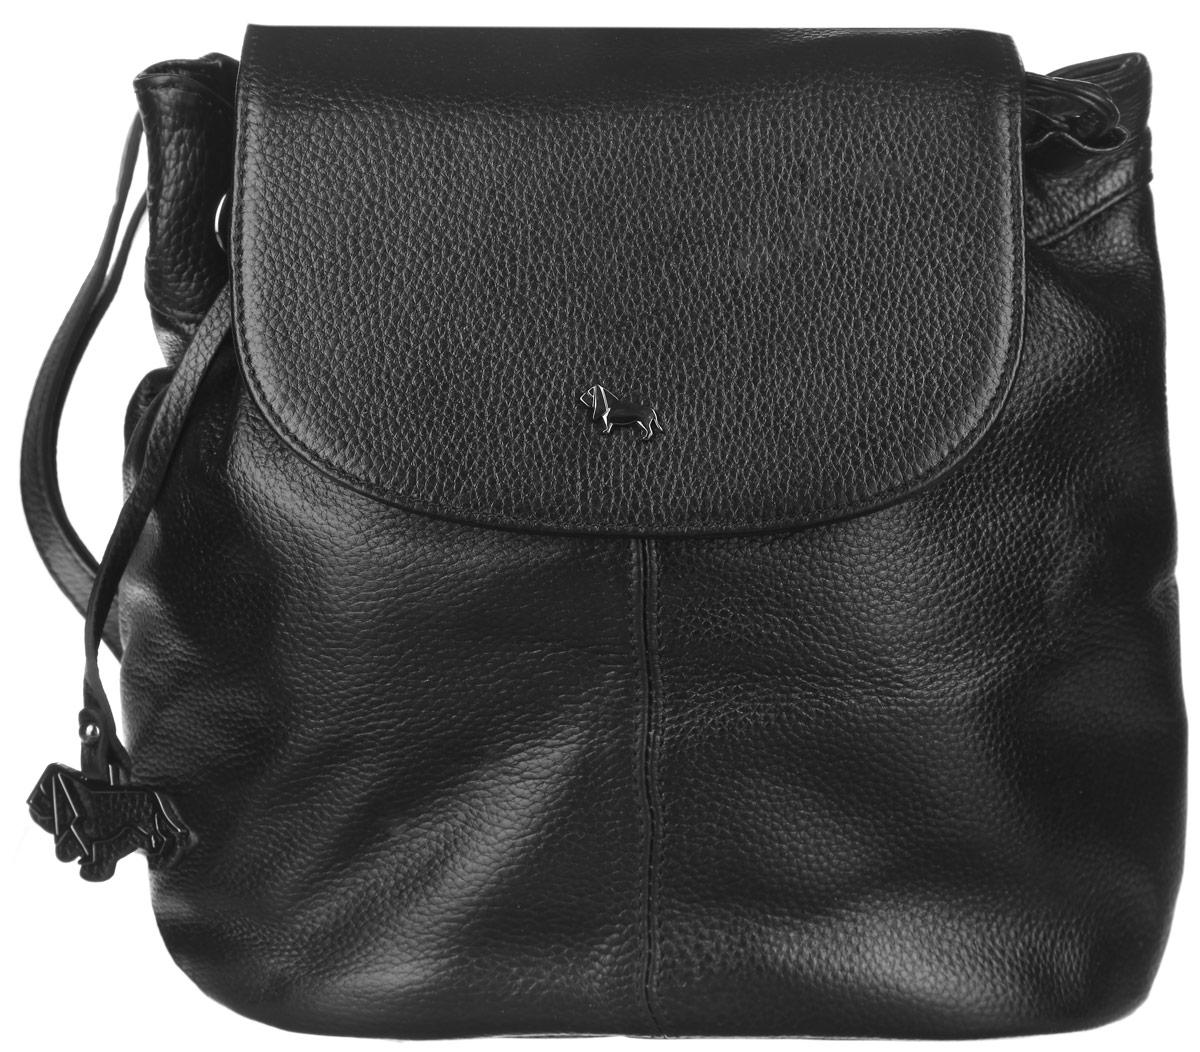 Рюкзак женский Labbra, цвет: черный. L-9916-1L-9916-1Оригинальный женский рюкзак Labbra выполнен из натуральной кожи с зернистой фактурой. Изделие оформлено металлической фурнитурой и подвеской в форме логотипа бренда. Рюкзак закрывается на магнитный клапан и дополнительно на затягивающийся шнурок. Внутри расположен врезной карман на молнии, два накладных кармана для телефона и мелочей. Снаружи, в задней стенке рюкзака расположен врезной карман на молнии. Рюкзак оснащен практичной лямкой, которая позволит носить изделие, как в руках, так и на плечах. Стильный рюкзак Labbra прекрасно дополнит ваш образ.